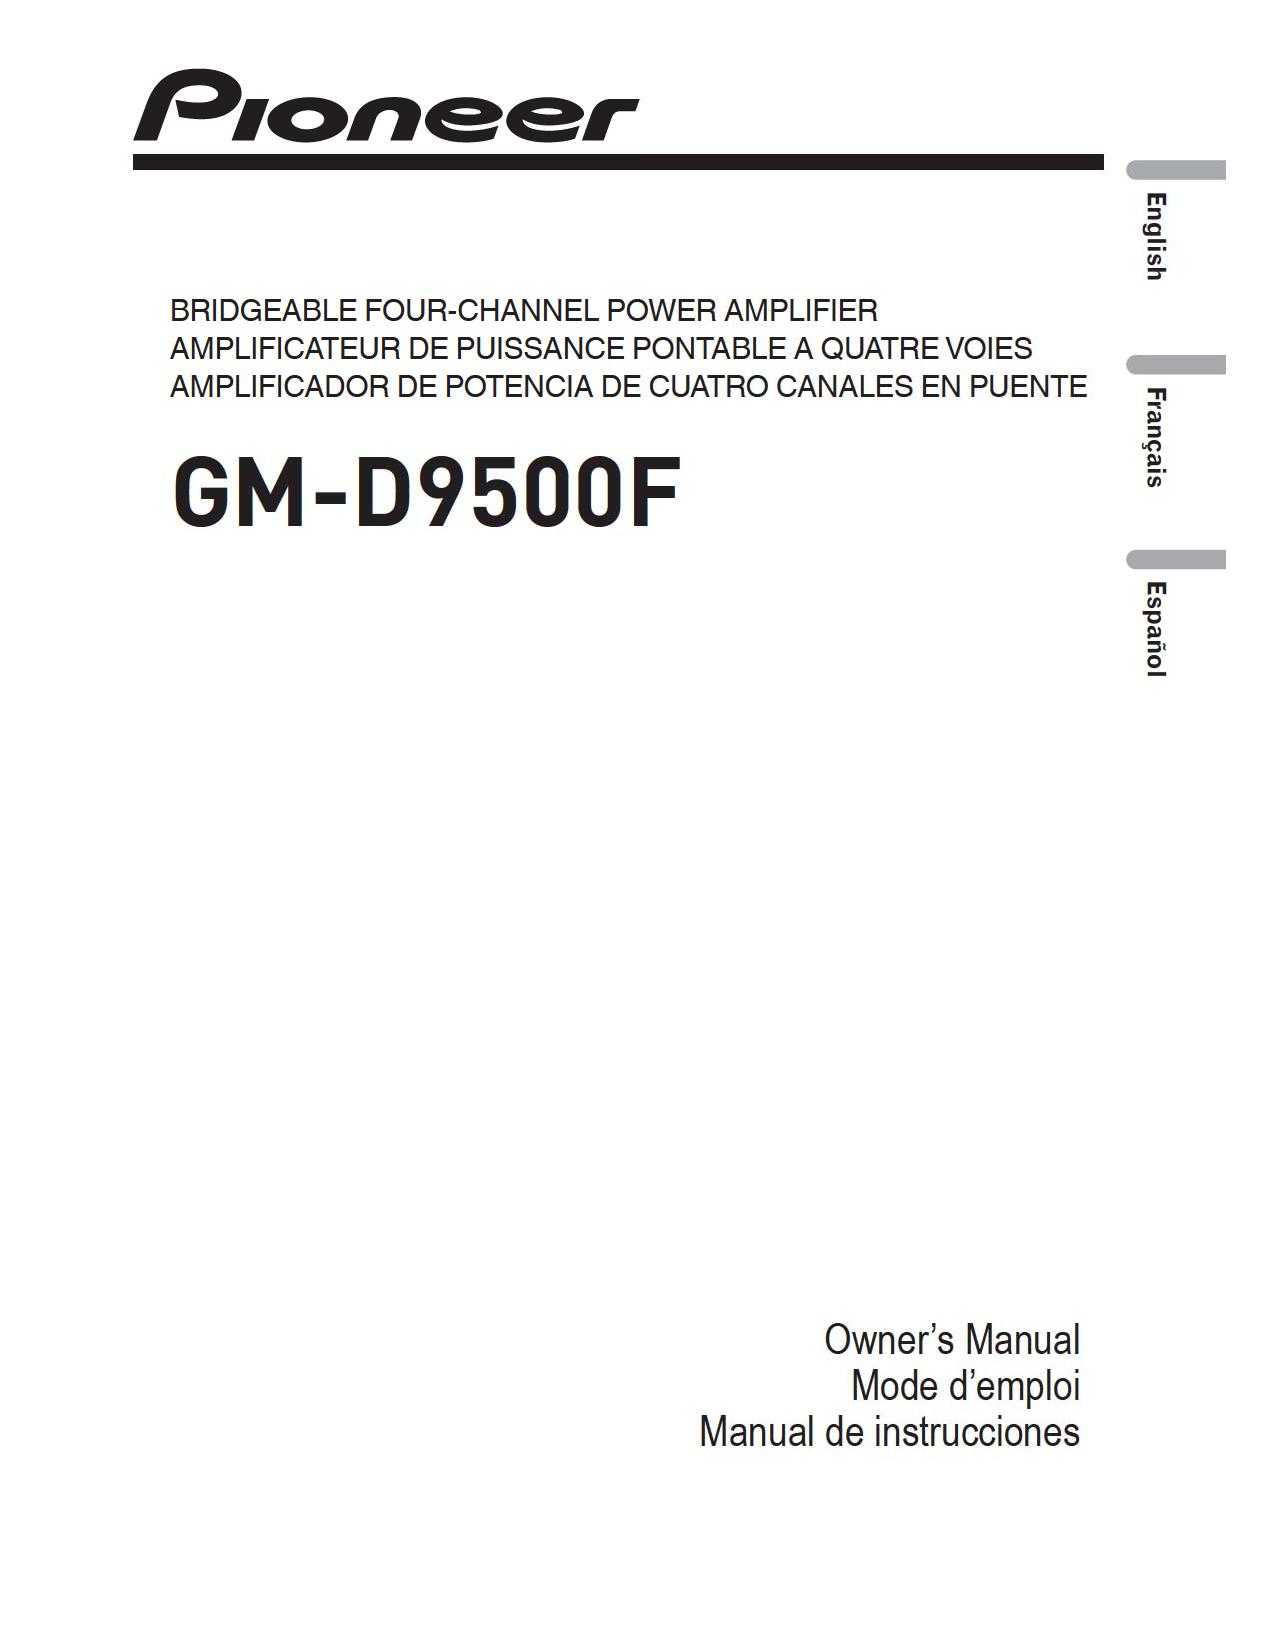 pioneer gm d9500f wiring diagram 32 wiring diagram Chevy Wiring Diagrams Automotive GM Car Wiring Diagram